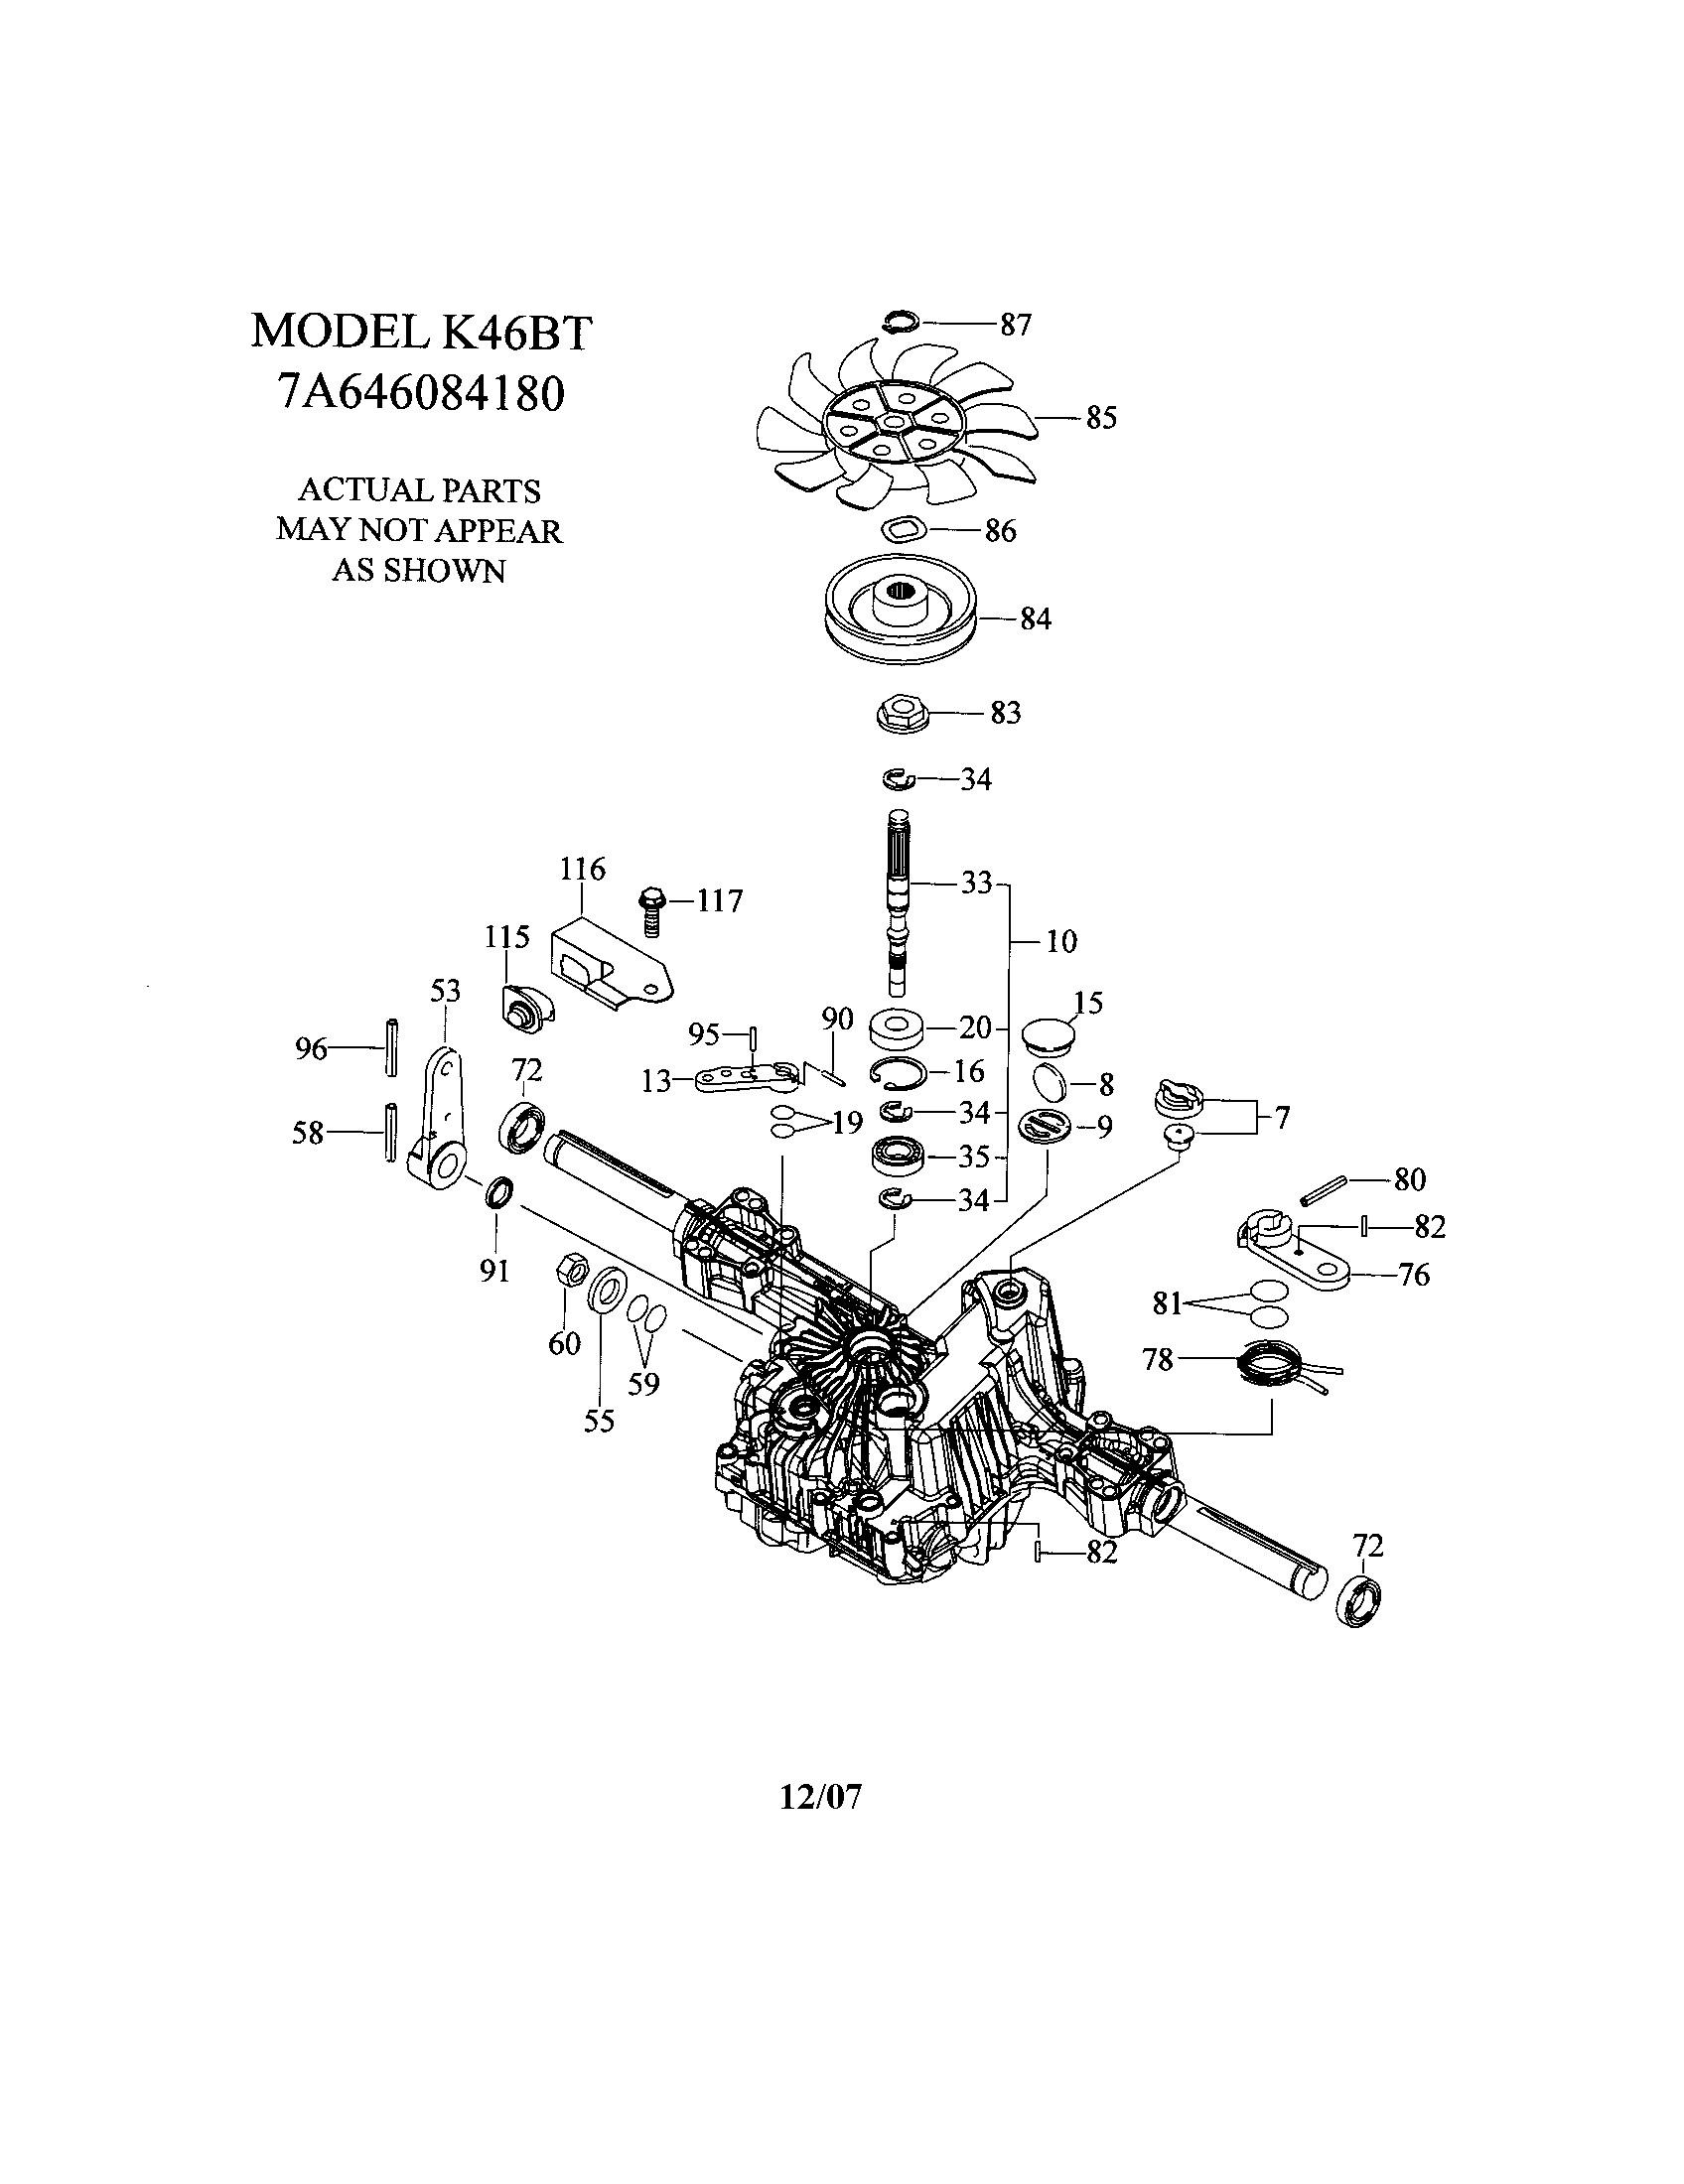 dixon lawn mower parts diagram 917 craftsman 26 hp 54 inch